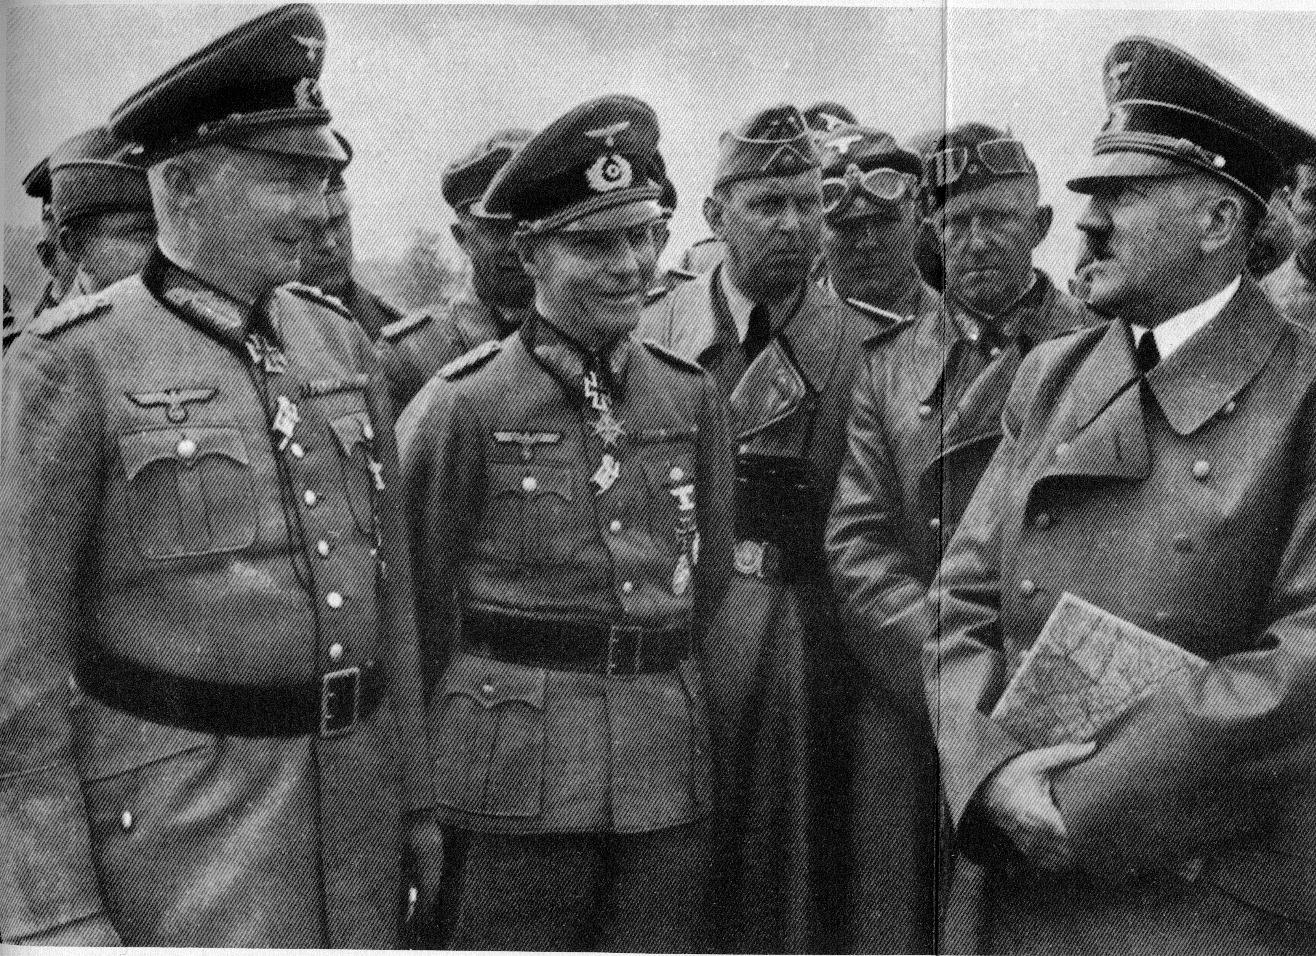 17 juin 1940 dans la Manche